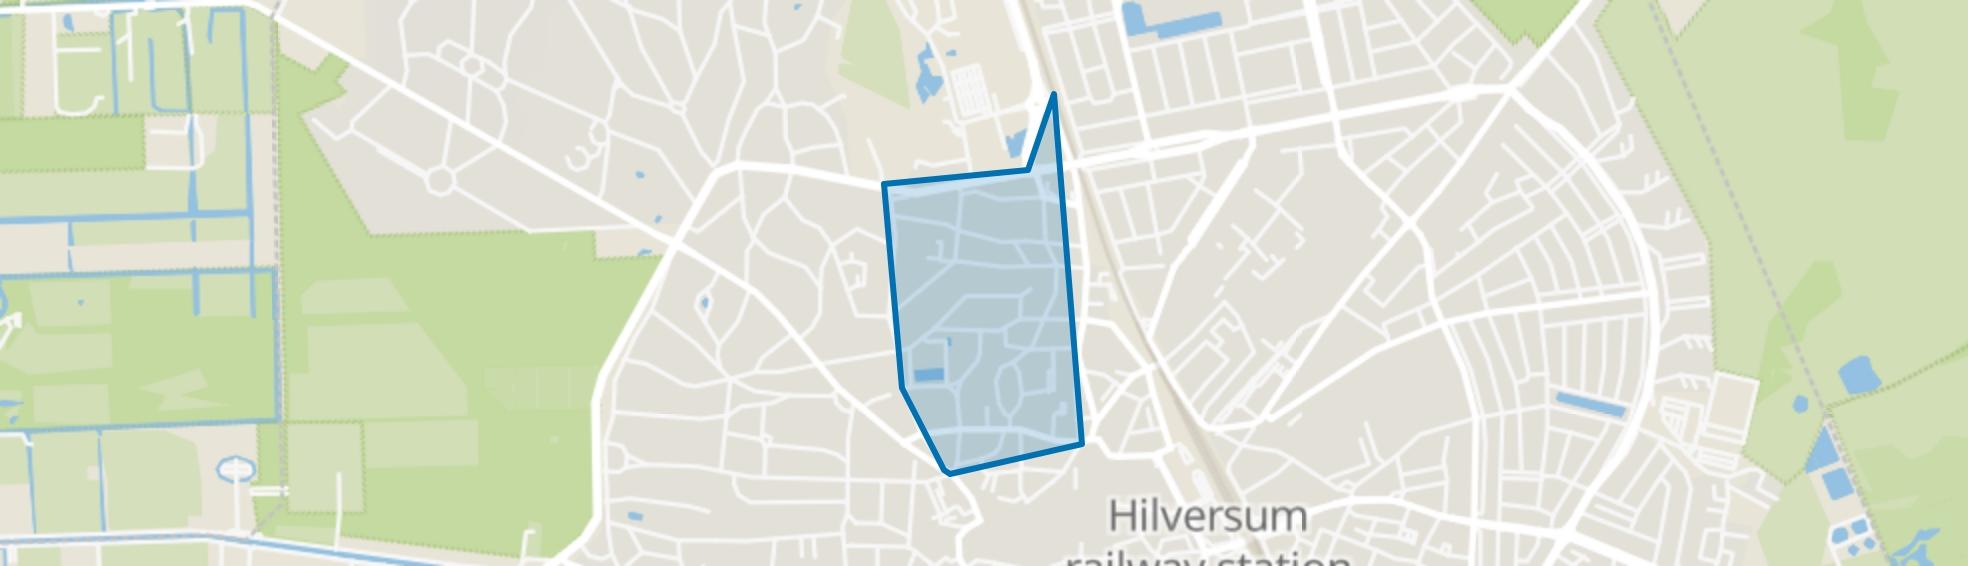 Raadhuiskwartier, Hilversum map